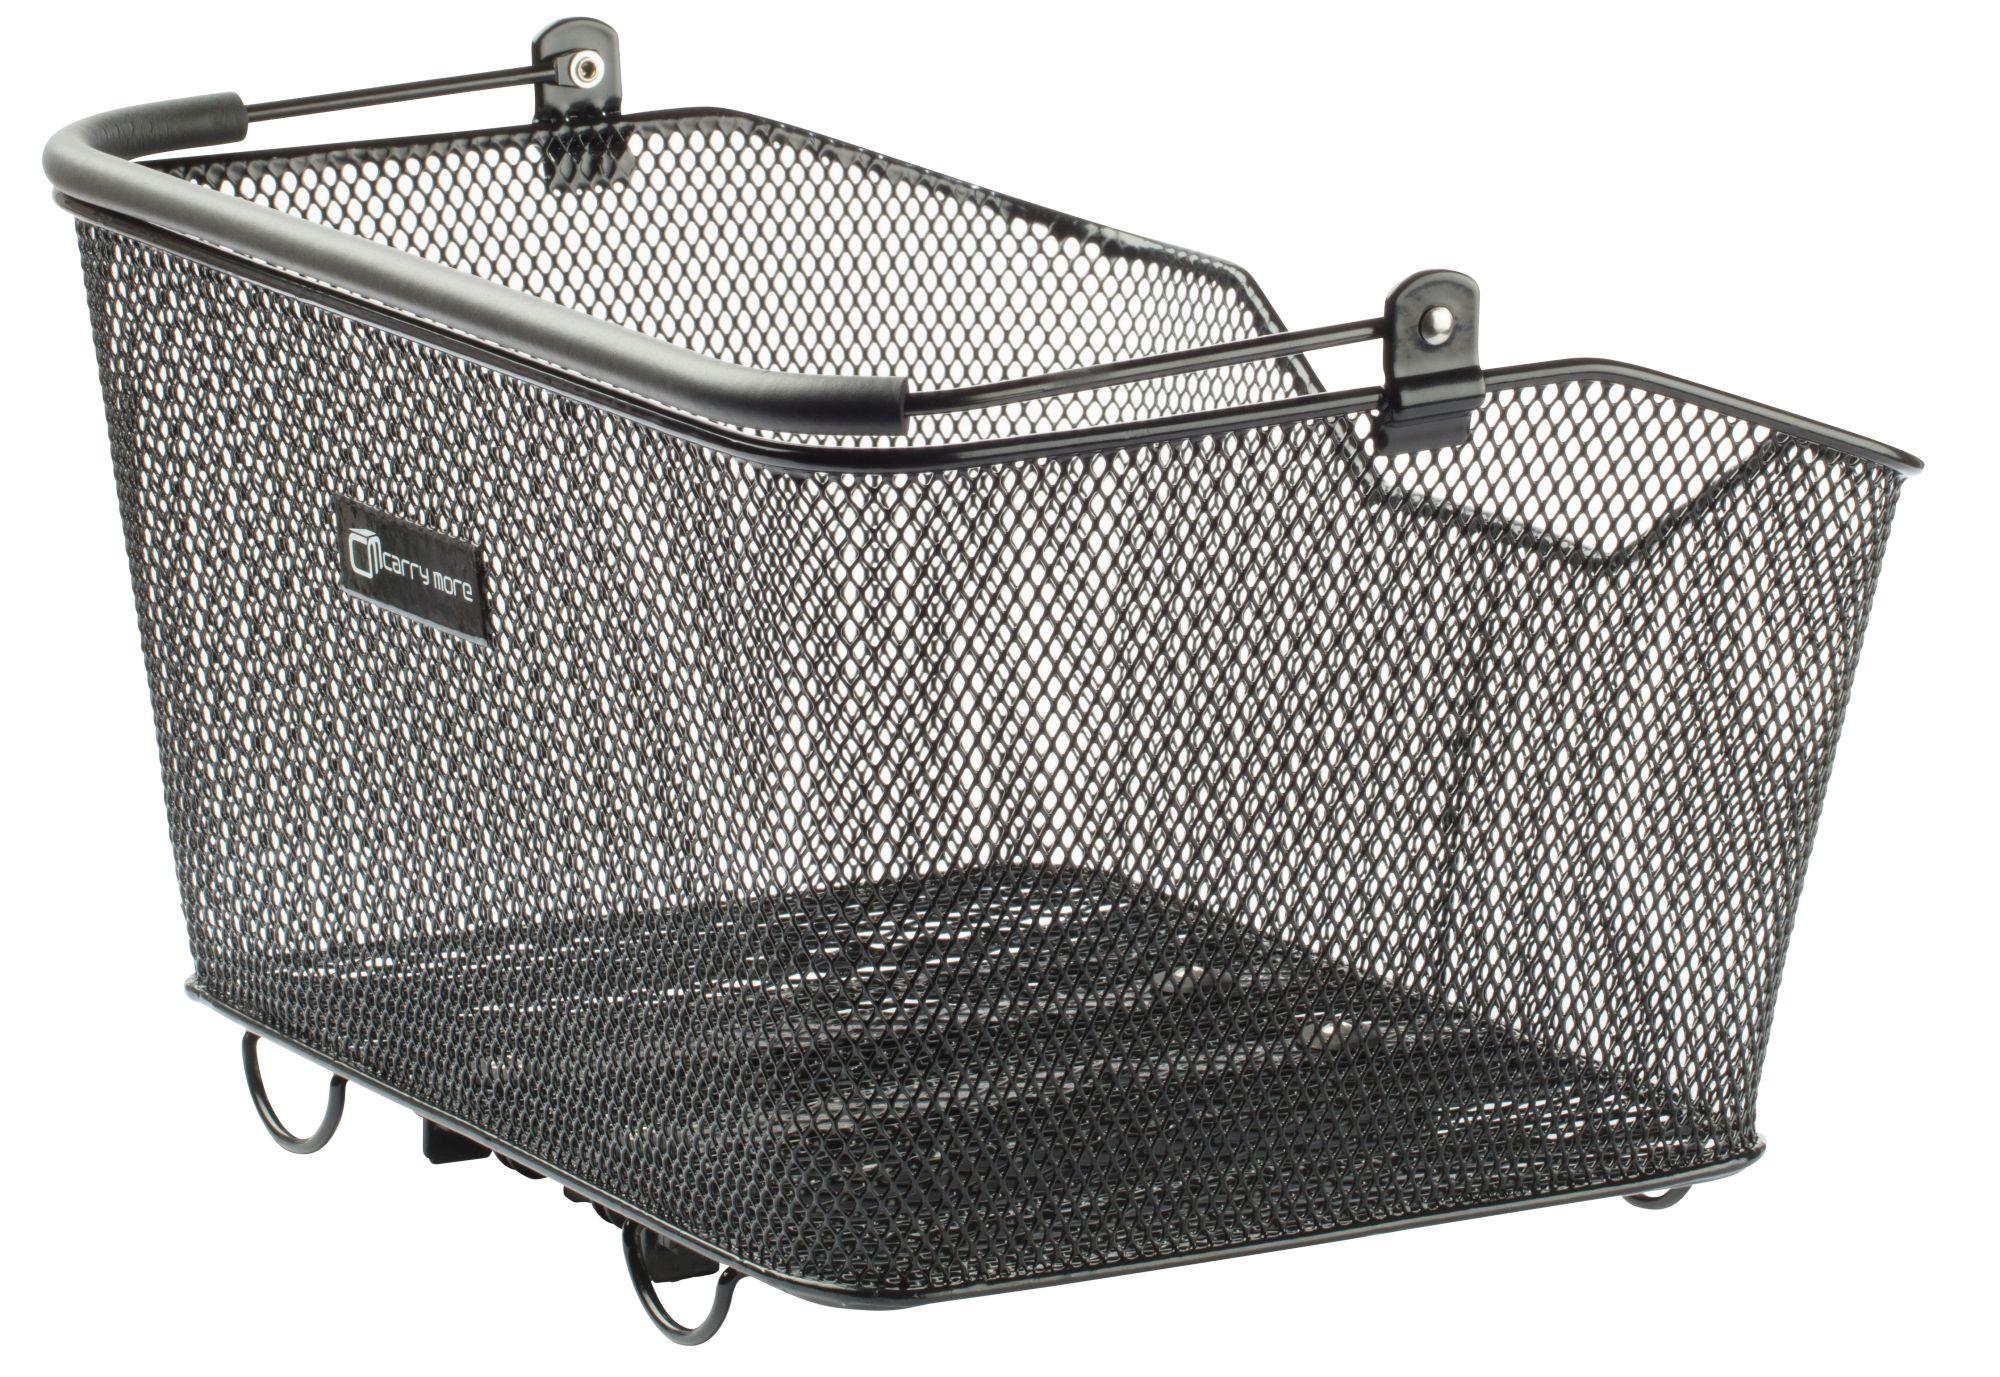 hinterradkörbe/Koffer & Körbe: Carrymore  Korb für Systemgepäckträger i-Rack II Korb